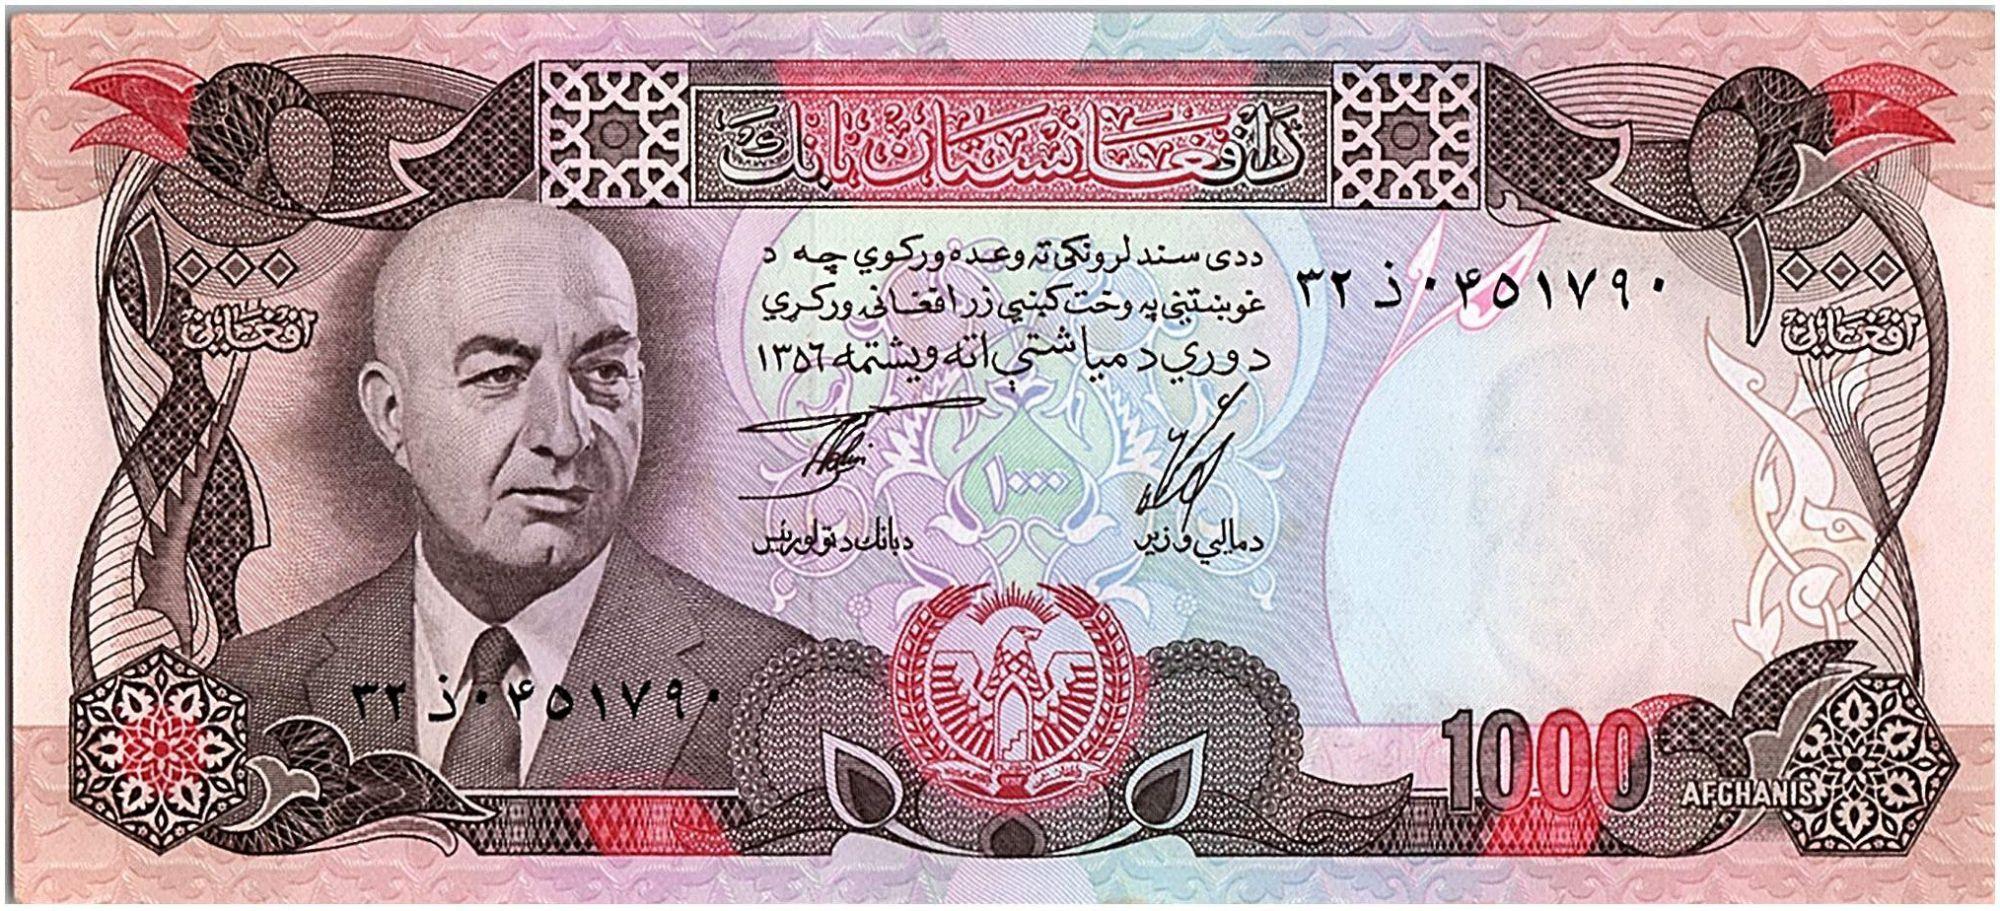 Afghanistan 1000 Afghanis Muhammad Daud - Mosquée - 1977 - SH1356